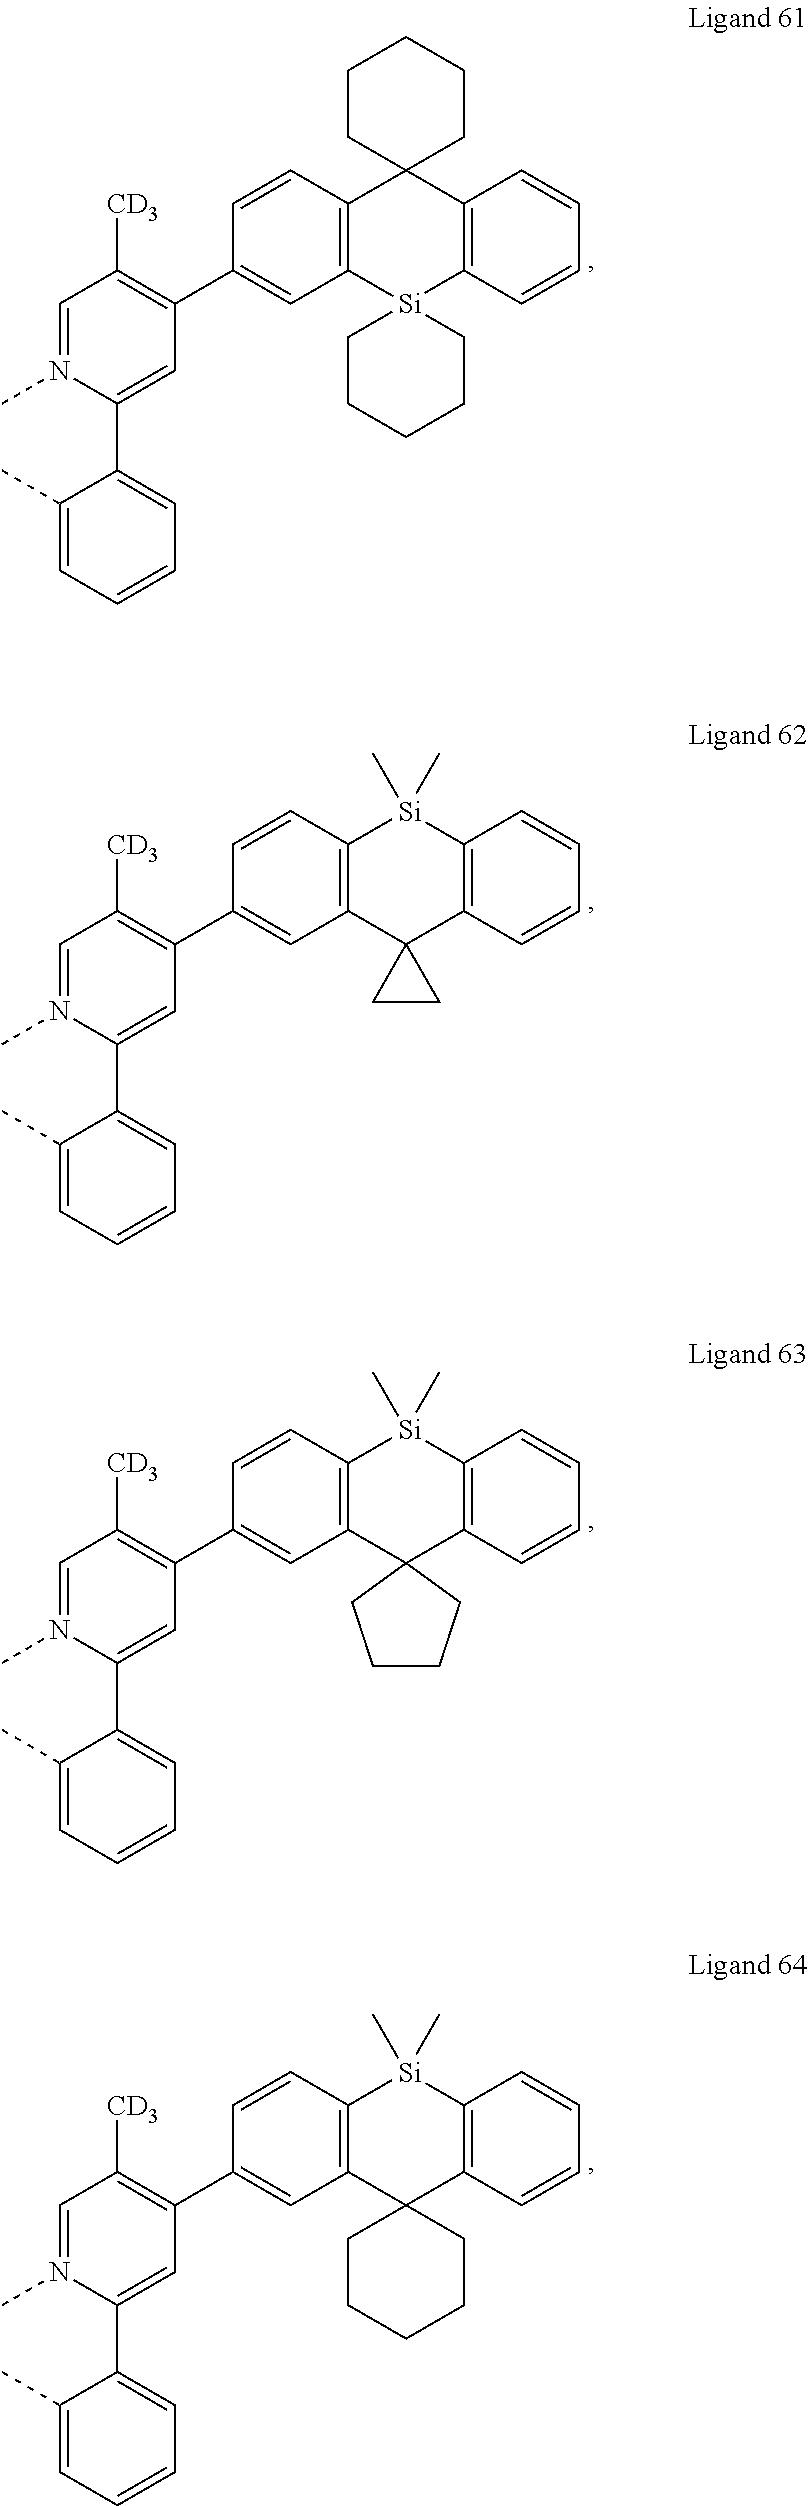 Figure US20180130962A1-20180510-C00045